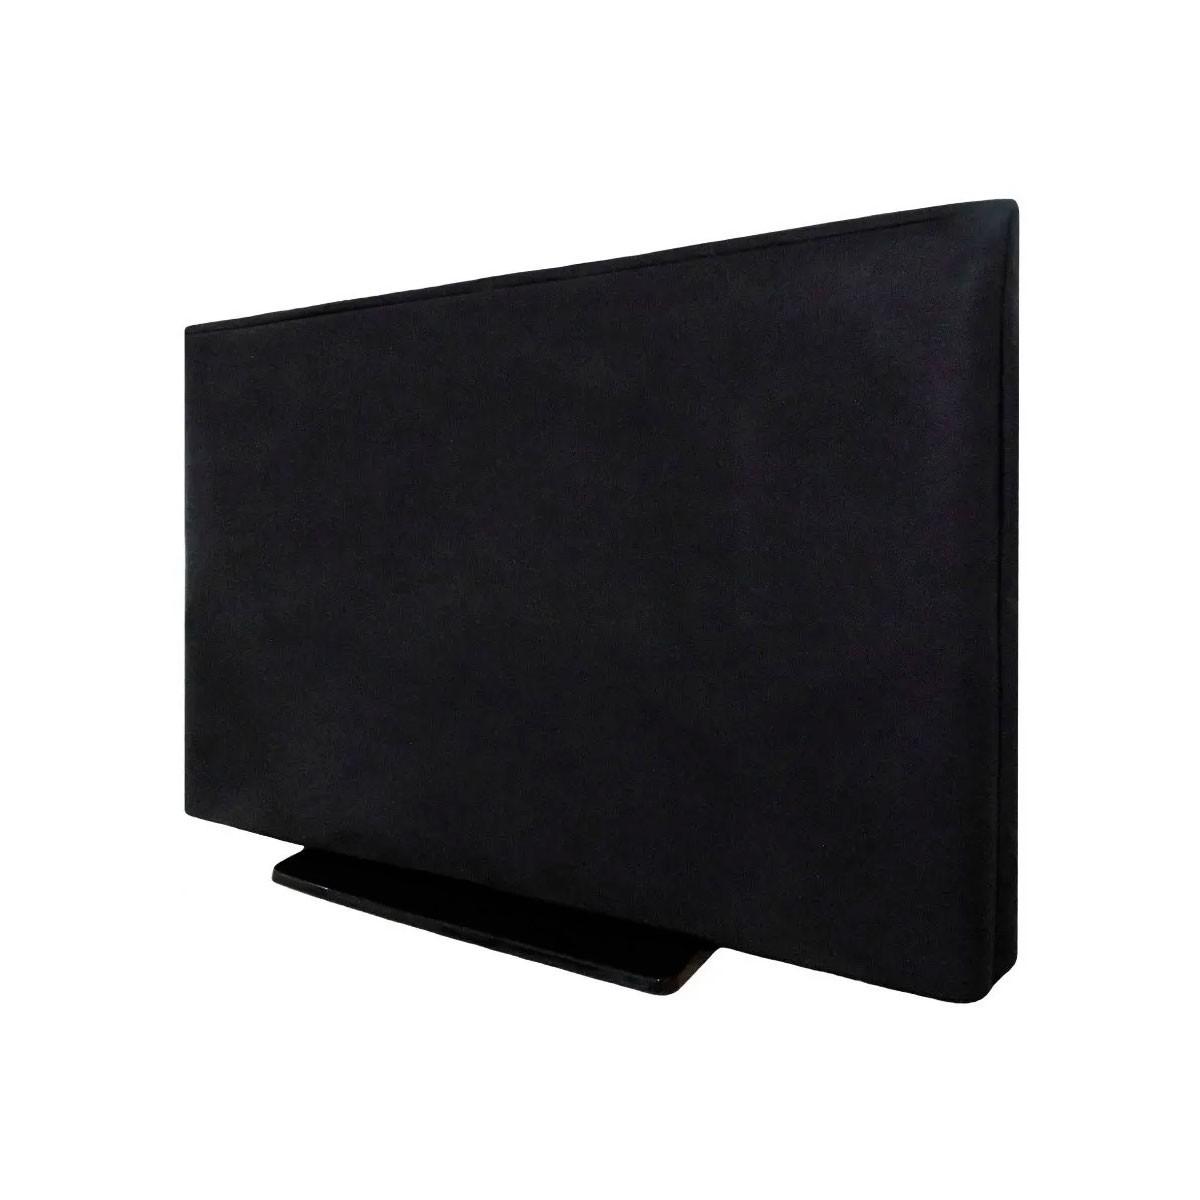 Capa Em Tnt 80g (grosso E Resistente) Para Tv Lcd 22 / 23 - MODELO ABERTA ATRÁS